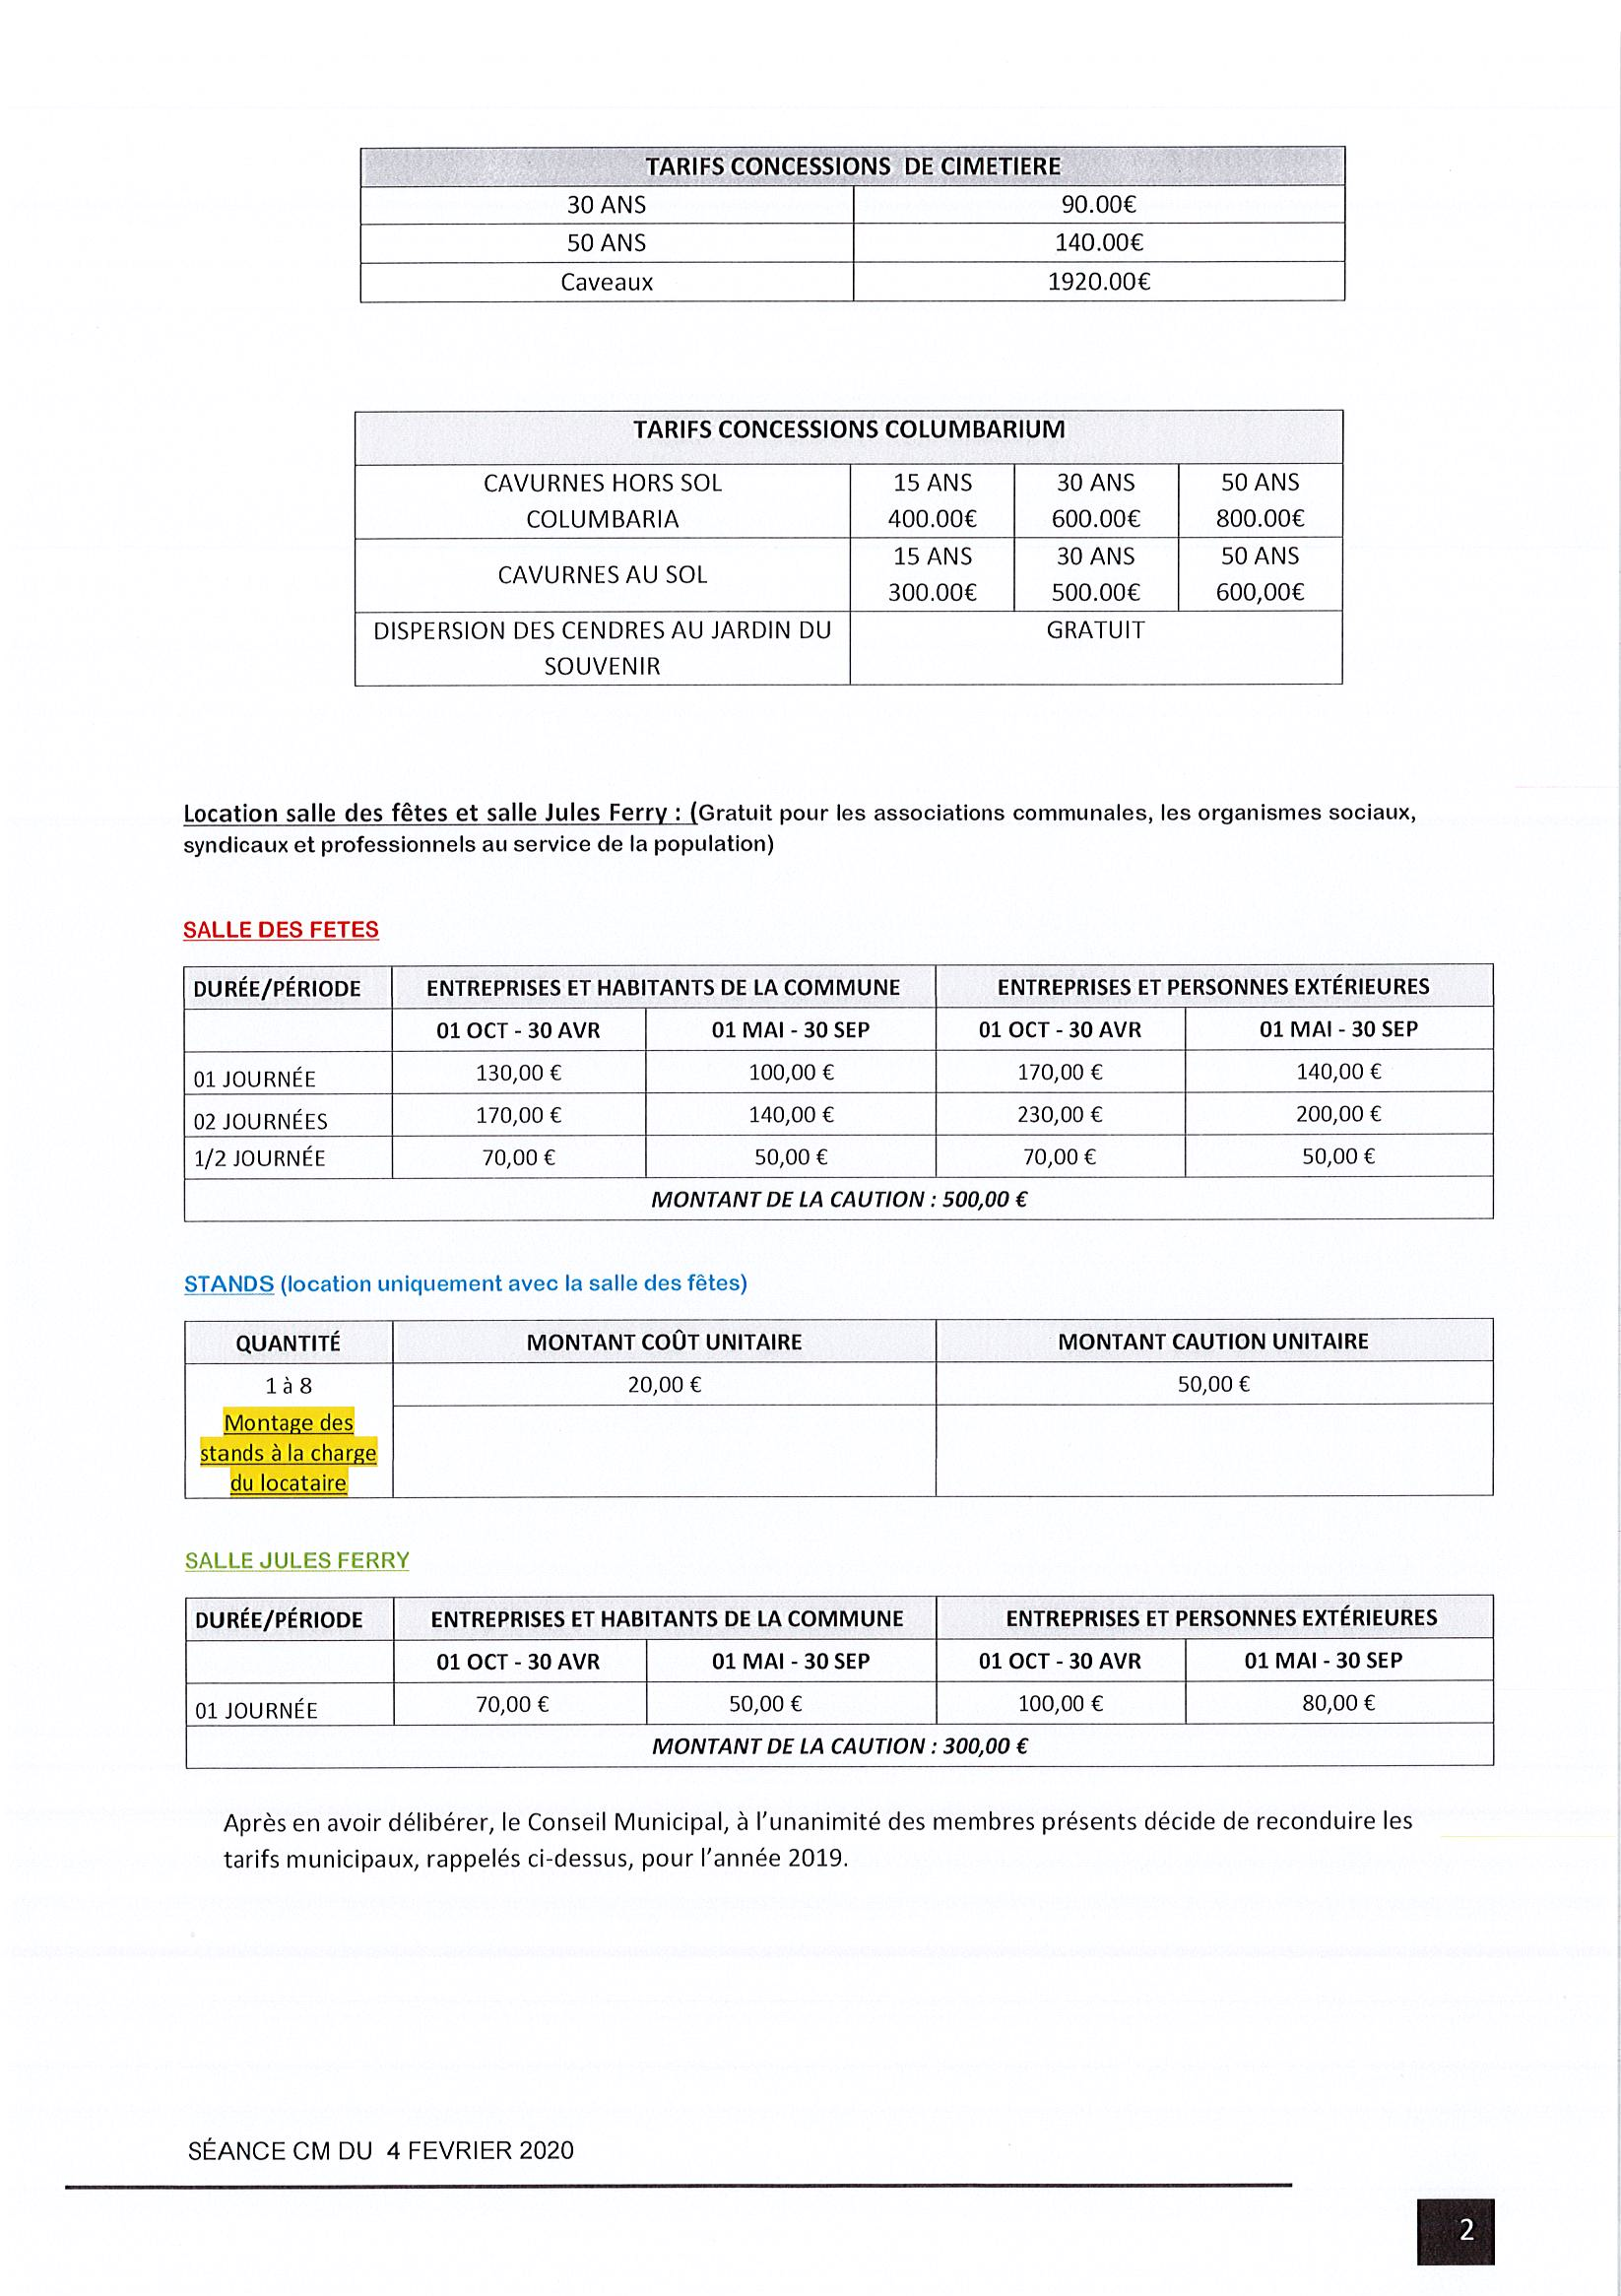 accueil/doc101120-10112020121830-0002.jpg